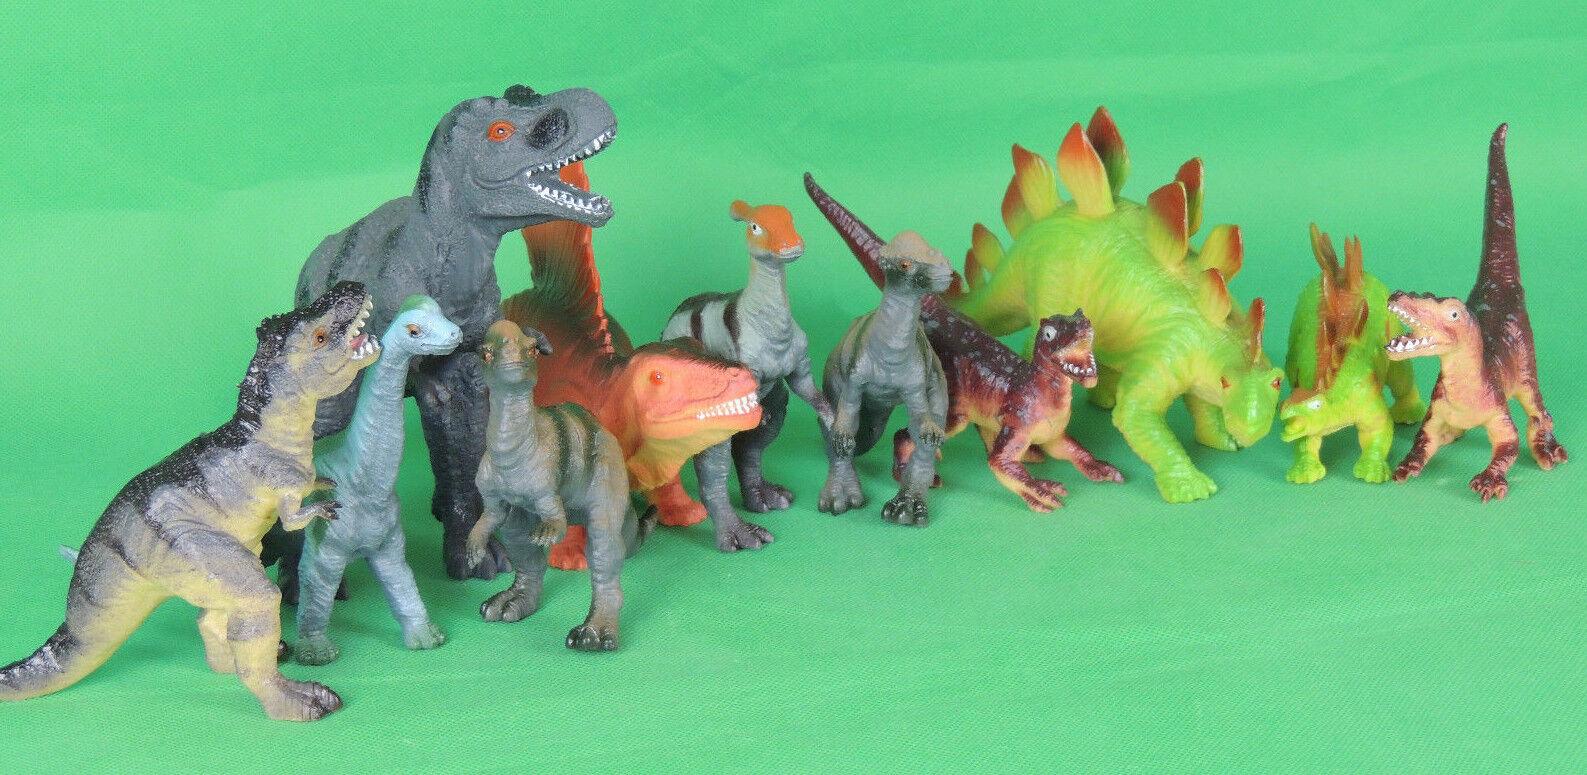 Dinosaurier Dino Set Plastik Dinosaurier Spielfiguren Neu &OVP 11-24cm groß